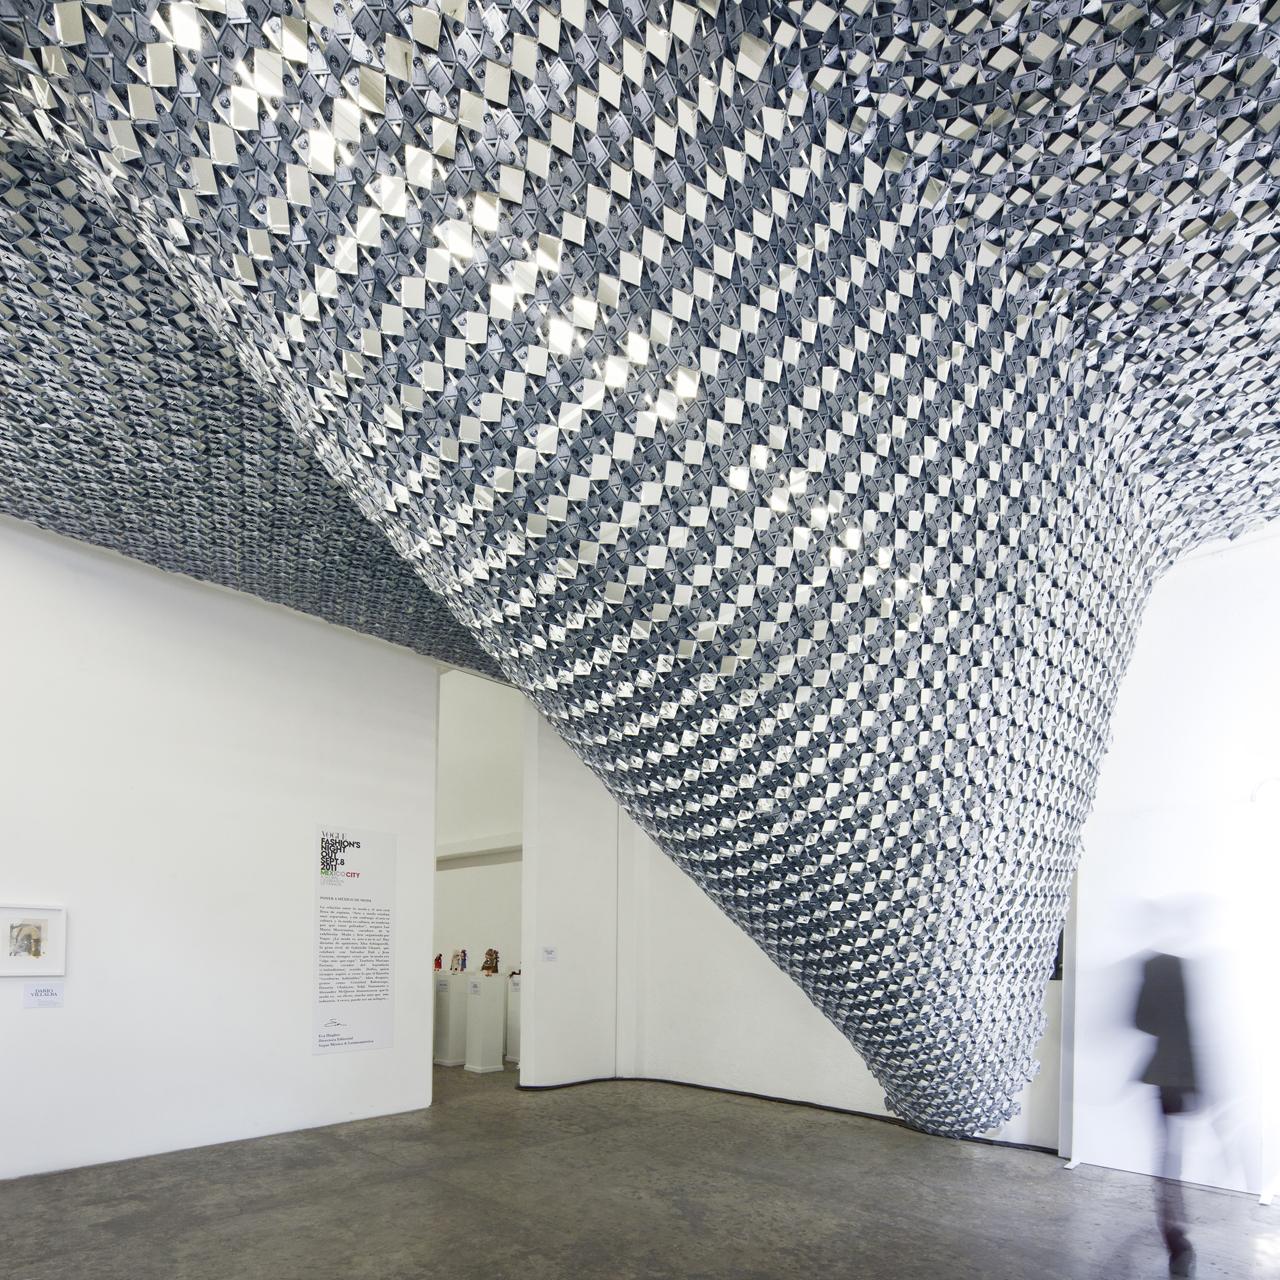 Pavilhão FNO / Estudio MMX, © Yoshihiro Koitani